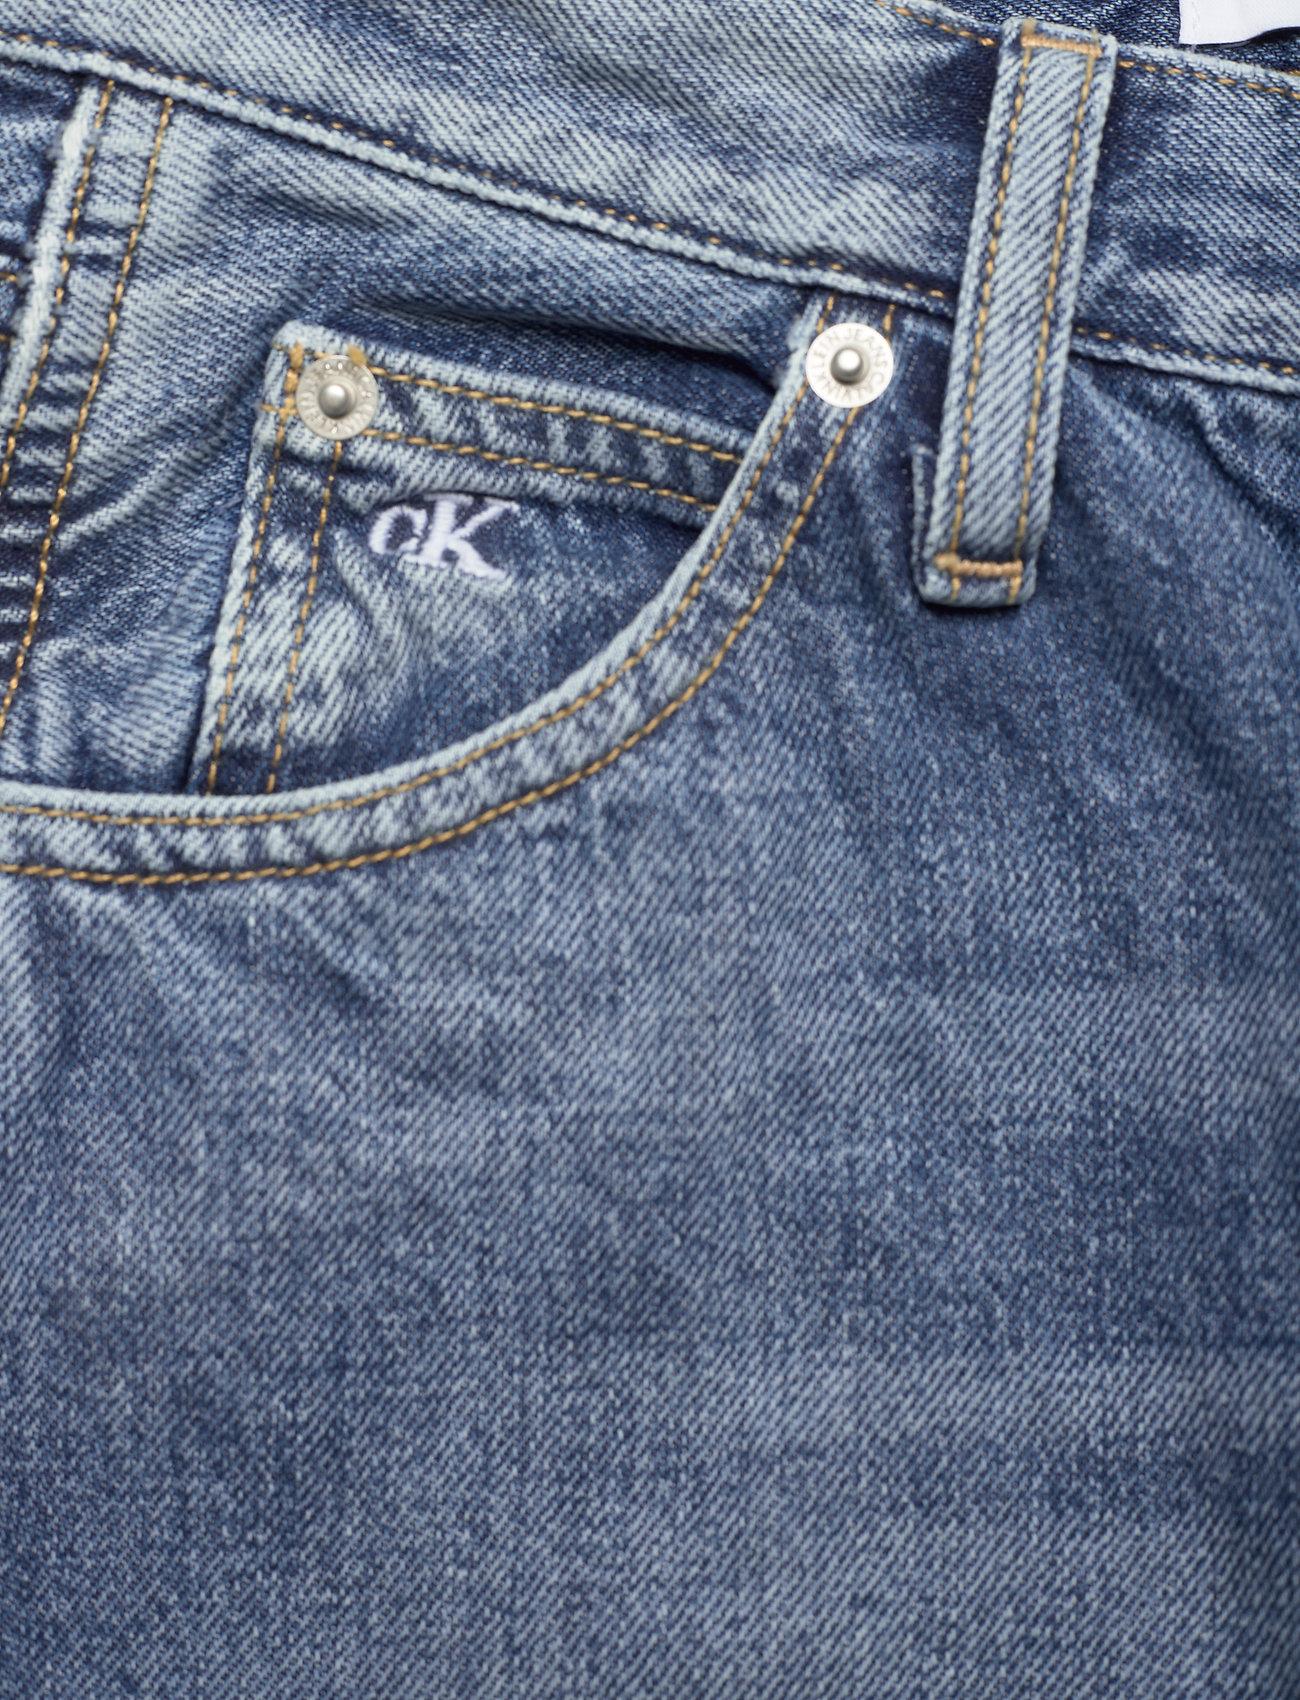 Calvin Klein Jeans - CKJ 030 HIGH RISE STRAIGHT ANKLE - straight regular - bb047 - icn light blue utility - 2